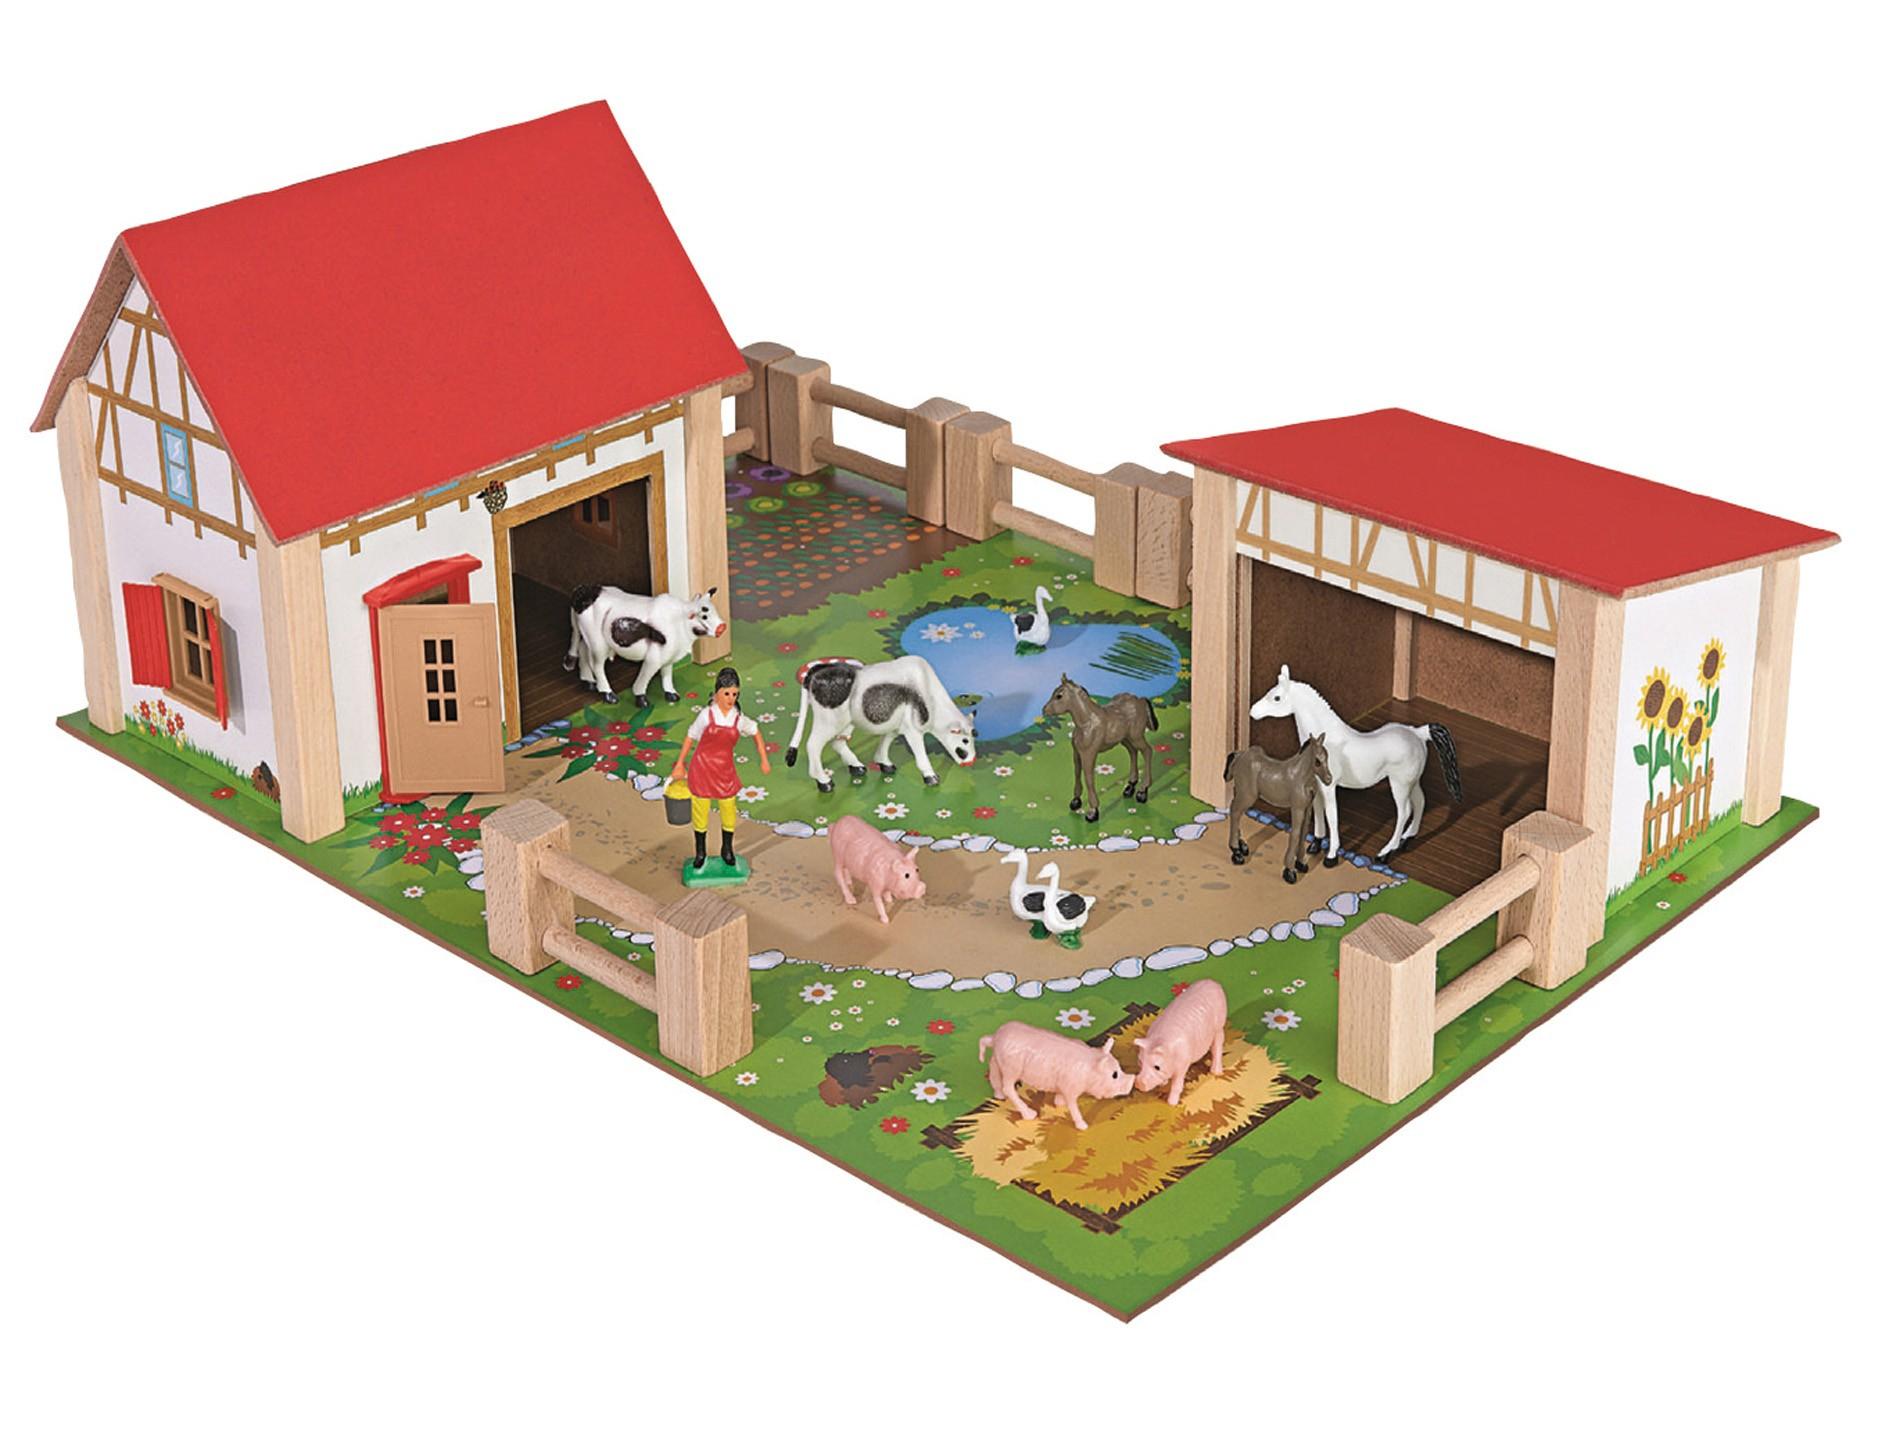 Ferme En Bois 25 Pièces - Jeux, Jouets Et Miniatures destiné Jeux De Ferme Gratuit Avec Des Animaux